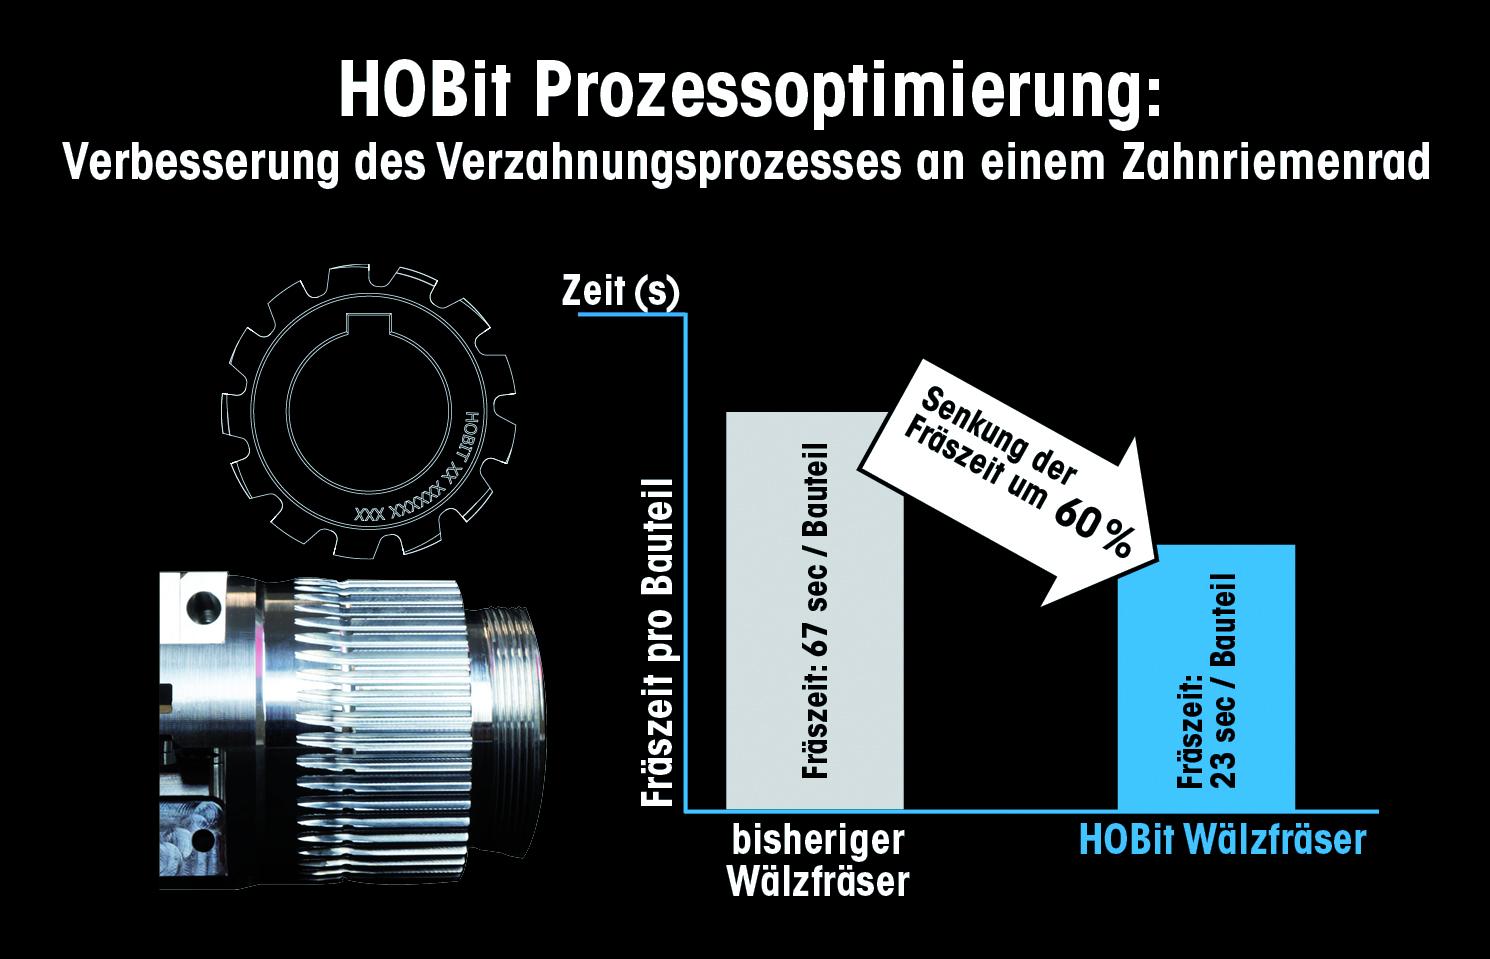 Standardprogramm für HOBit Verzahnungswerkzeuge